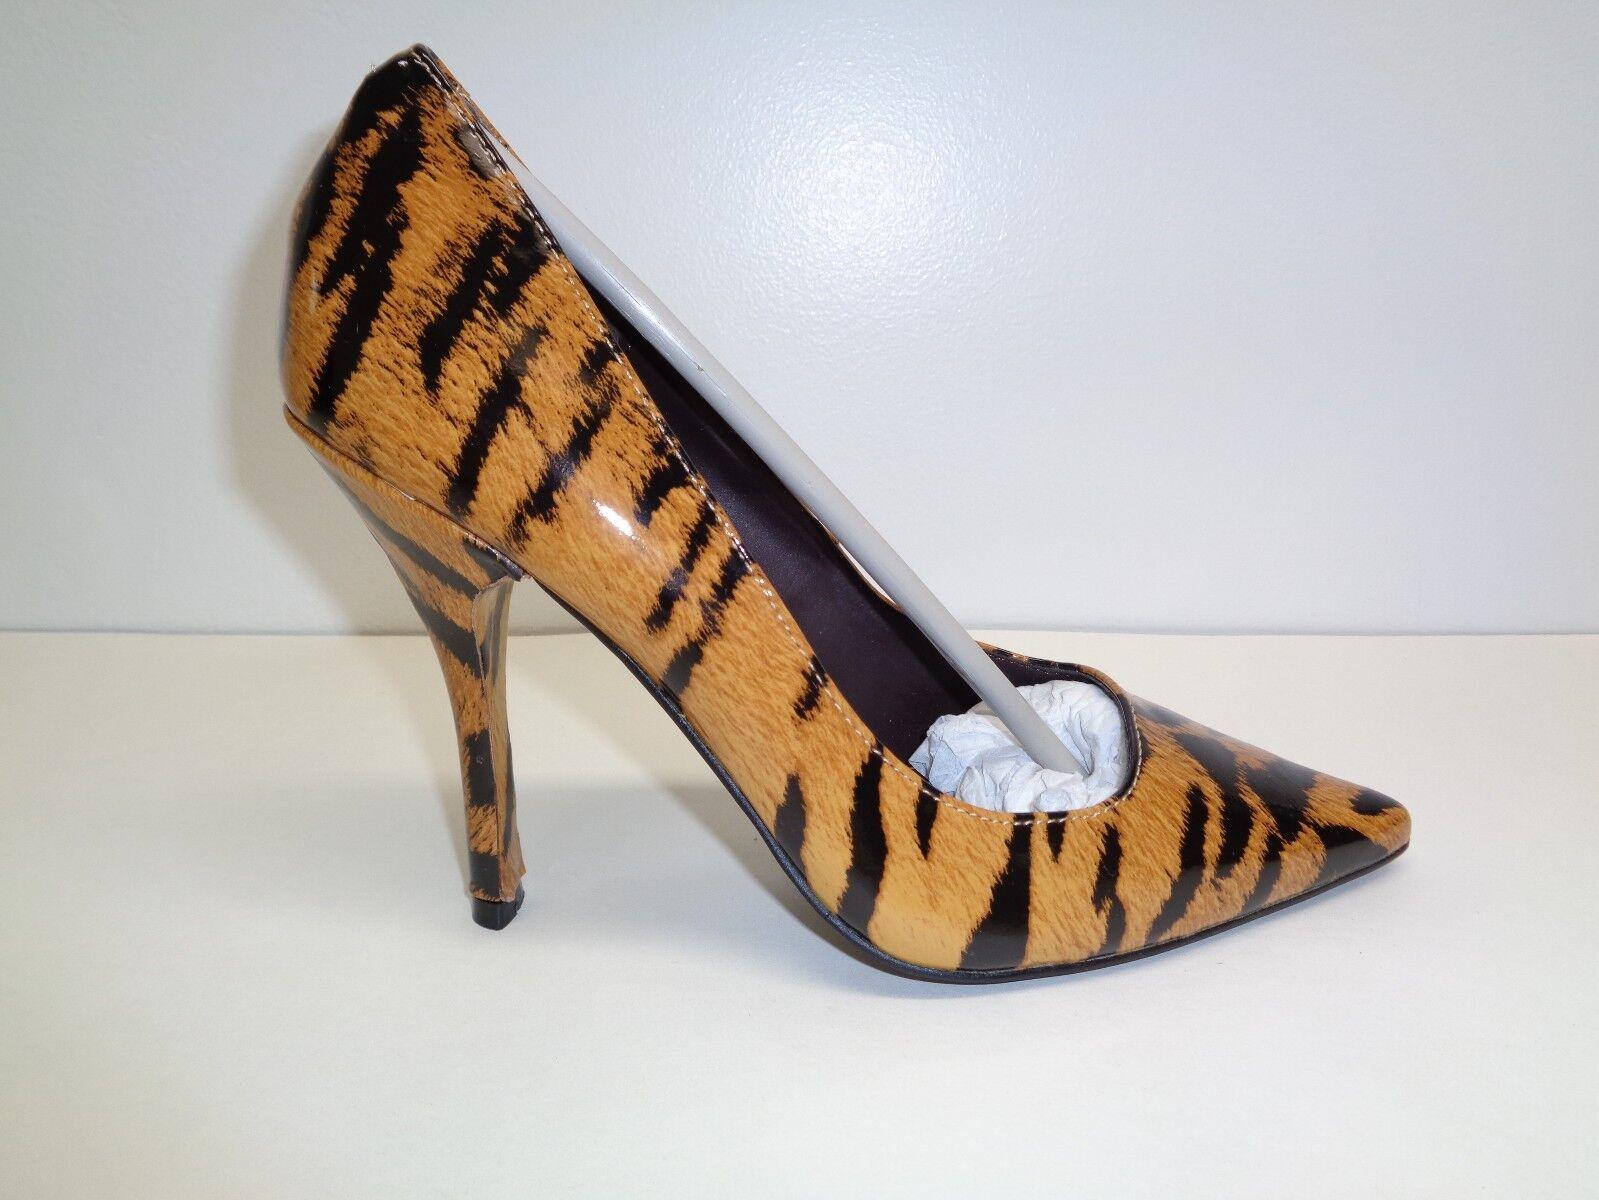 Modern Leder Vice Größe 6 M MARIAH Tiger Print Patent Leder Modern Heels New Damenschuhe Schuhes 2a3452